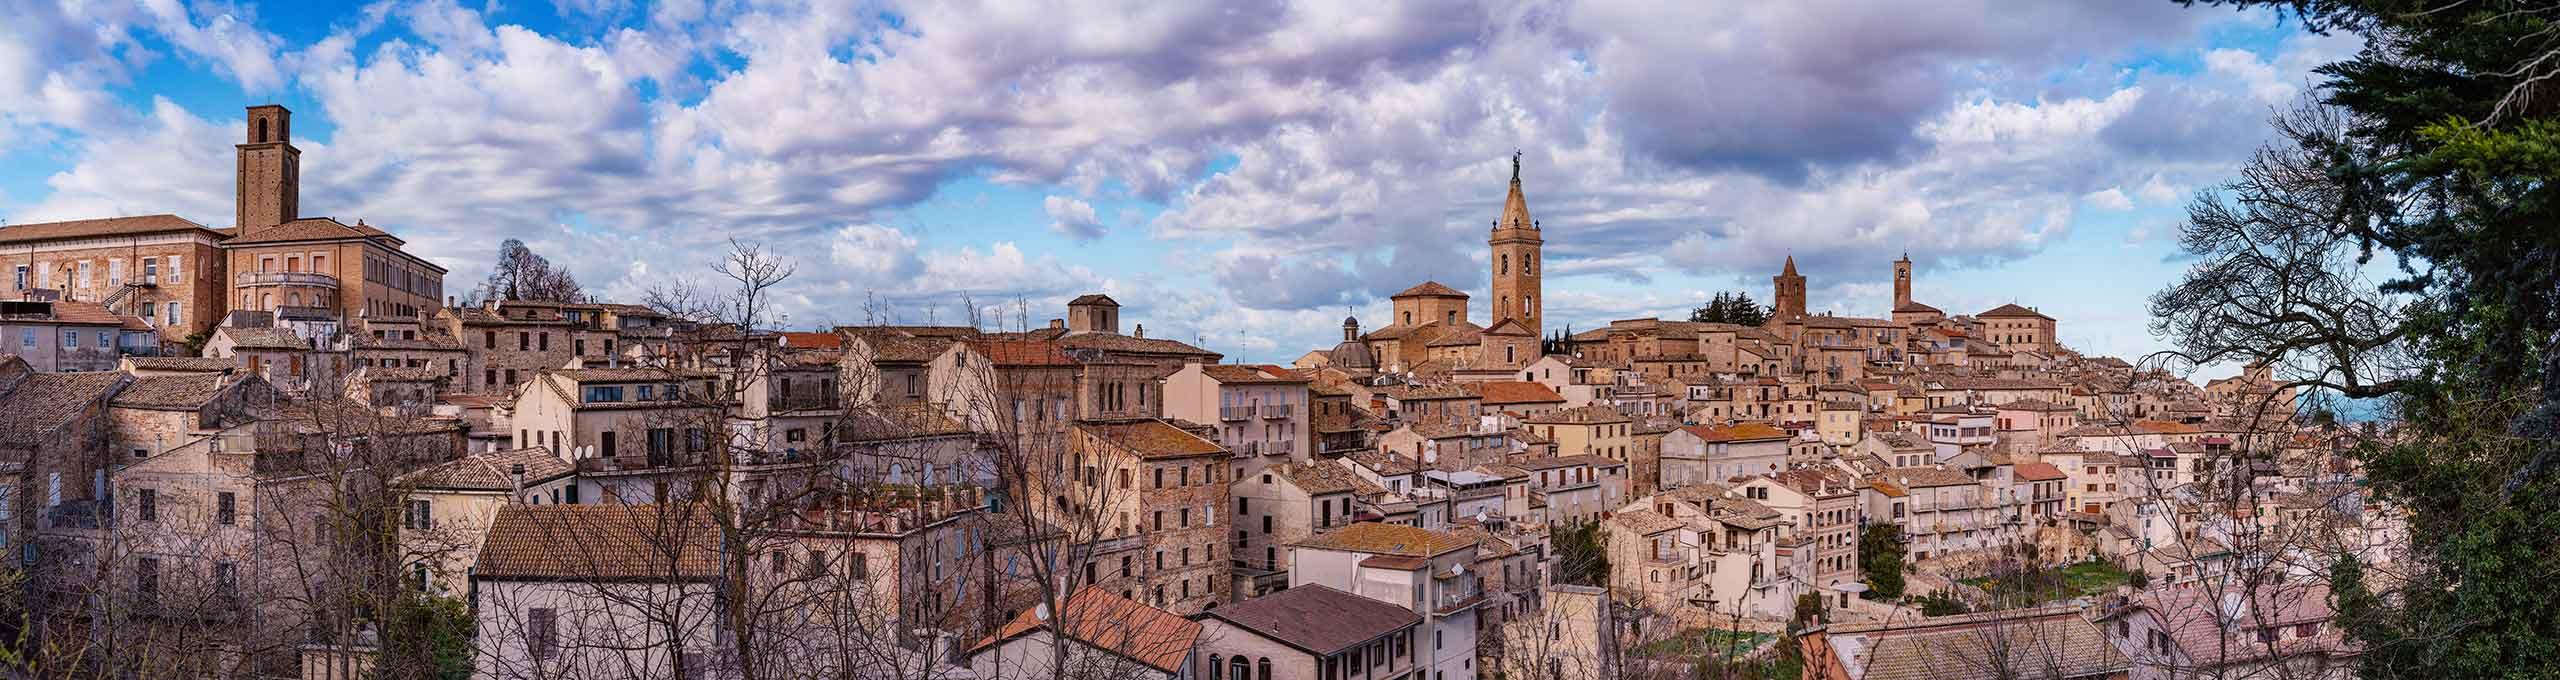 Ripatransone, Ascoli Piceno